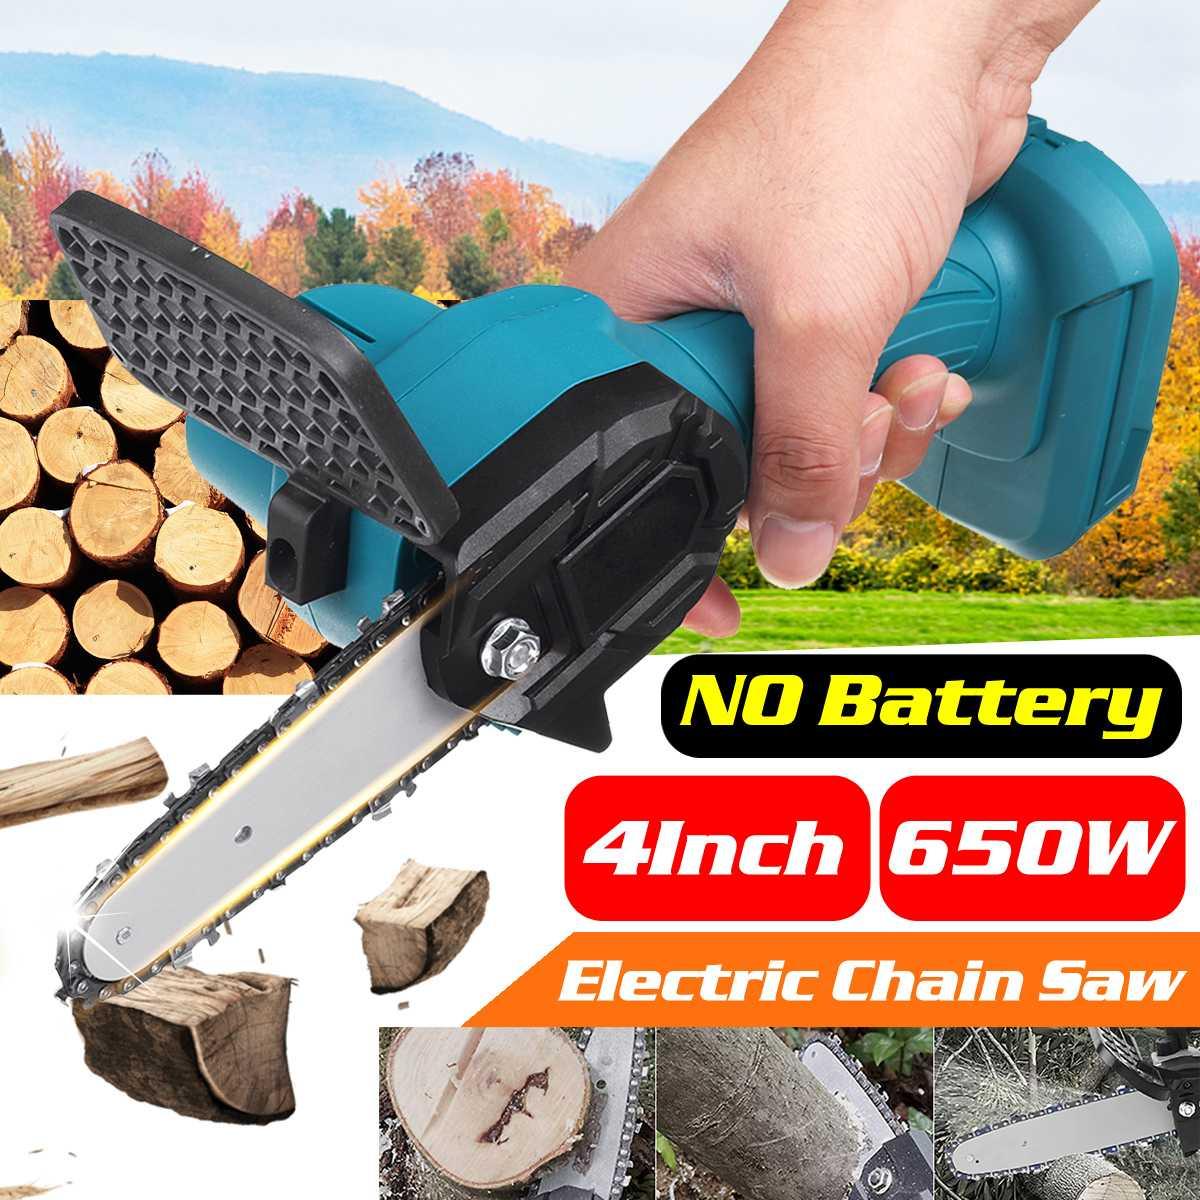 4 polegada 650w serra de corrente elétrica mini poda de uma mão jardim carpintaria ferramenta elétrica compatível makita 18v bateria (ferramenta apenas)